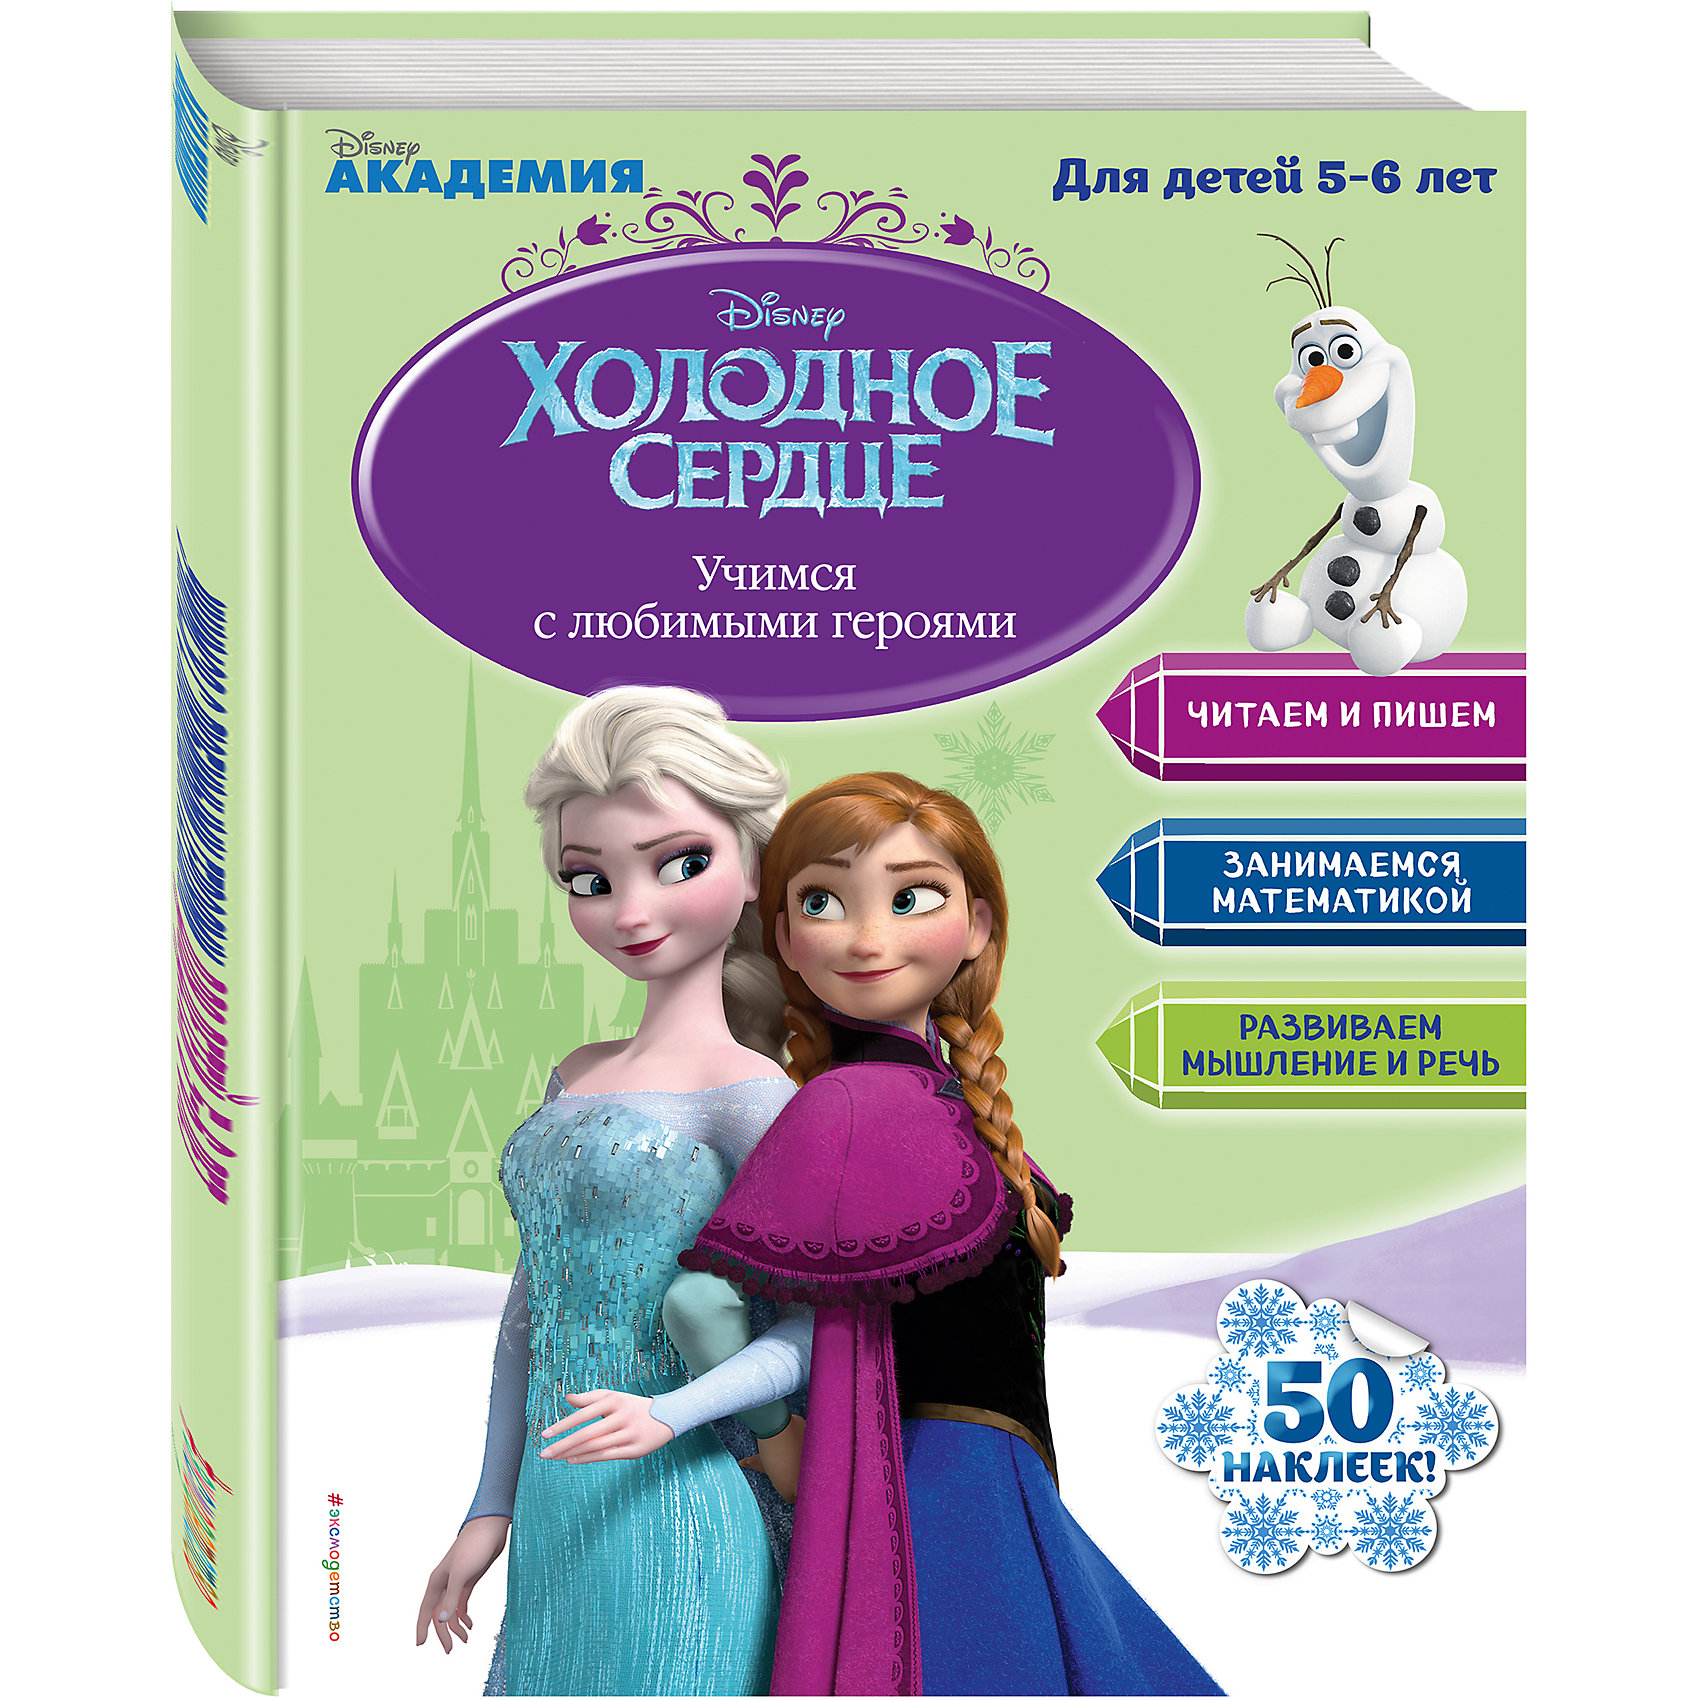 Учимся с любимыми героями, для детей 5-6 лет, Disney Холодное сердцеЭксмо<br>Характеристики:<br><br>• ISBN: 978-5-699-92593-3;<br>• возраст: от 5 лет;<br>• формат: 60х84/8;<br>• бумага: офсет; <br>• тип обложки: обл - мягкий переплет (крепление скрепкой или клеем);<br>• оформление: с наклейками;<br>• иллюстрации: цветные; <br>• серия:  Disney. Учимся с любимыми героями с наклейками;<br>• редактор: Жилинская А.;<br>• издательство: Эксмо-Пресс, 2017 г.;<br>• количество страниц: 64;<br>• размеры: 27,9х20,9х0,5 см;<br>• масса: 186 г.<br><br>Герои мультфильма Disney «Холодное сердце» поселились на страницах красочного обучающего пособия. Множество интересных упражнений подготавливают малышей к школьным занятиям. Мальчики и девочки научатся писать слова и предложения, читать развёрнутые тексты разной степени сложности, решать примеры и задачи в пределах 20.<br><br>Книга для домашних занятий укрепляет кисть, тренирует мелкую моторику, стимулирует логику, память и мышление. <br><br>Издание предназначено для детей старшего дошкольного возраста.<br><br>Книгу «Учимся с любимыми героями для детей 5-6 лет. Холодное сердце», Жилинская А., Эксмо-Пресс можно купить в нашем интернет-магазине.<br><br>Ширина мм: 280<br>Глубина мм: 220<br>Высота мм: 30<br>Вес г: 219<br>Возраст от месяцев: 60<br>Возраст до месяцев: 72<br>Пол: Унисекс<br>Возраст: Детский<br>SKU: 6878001